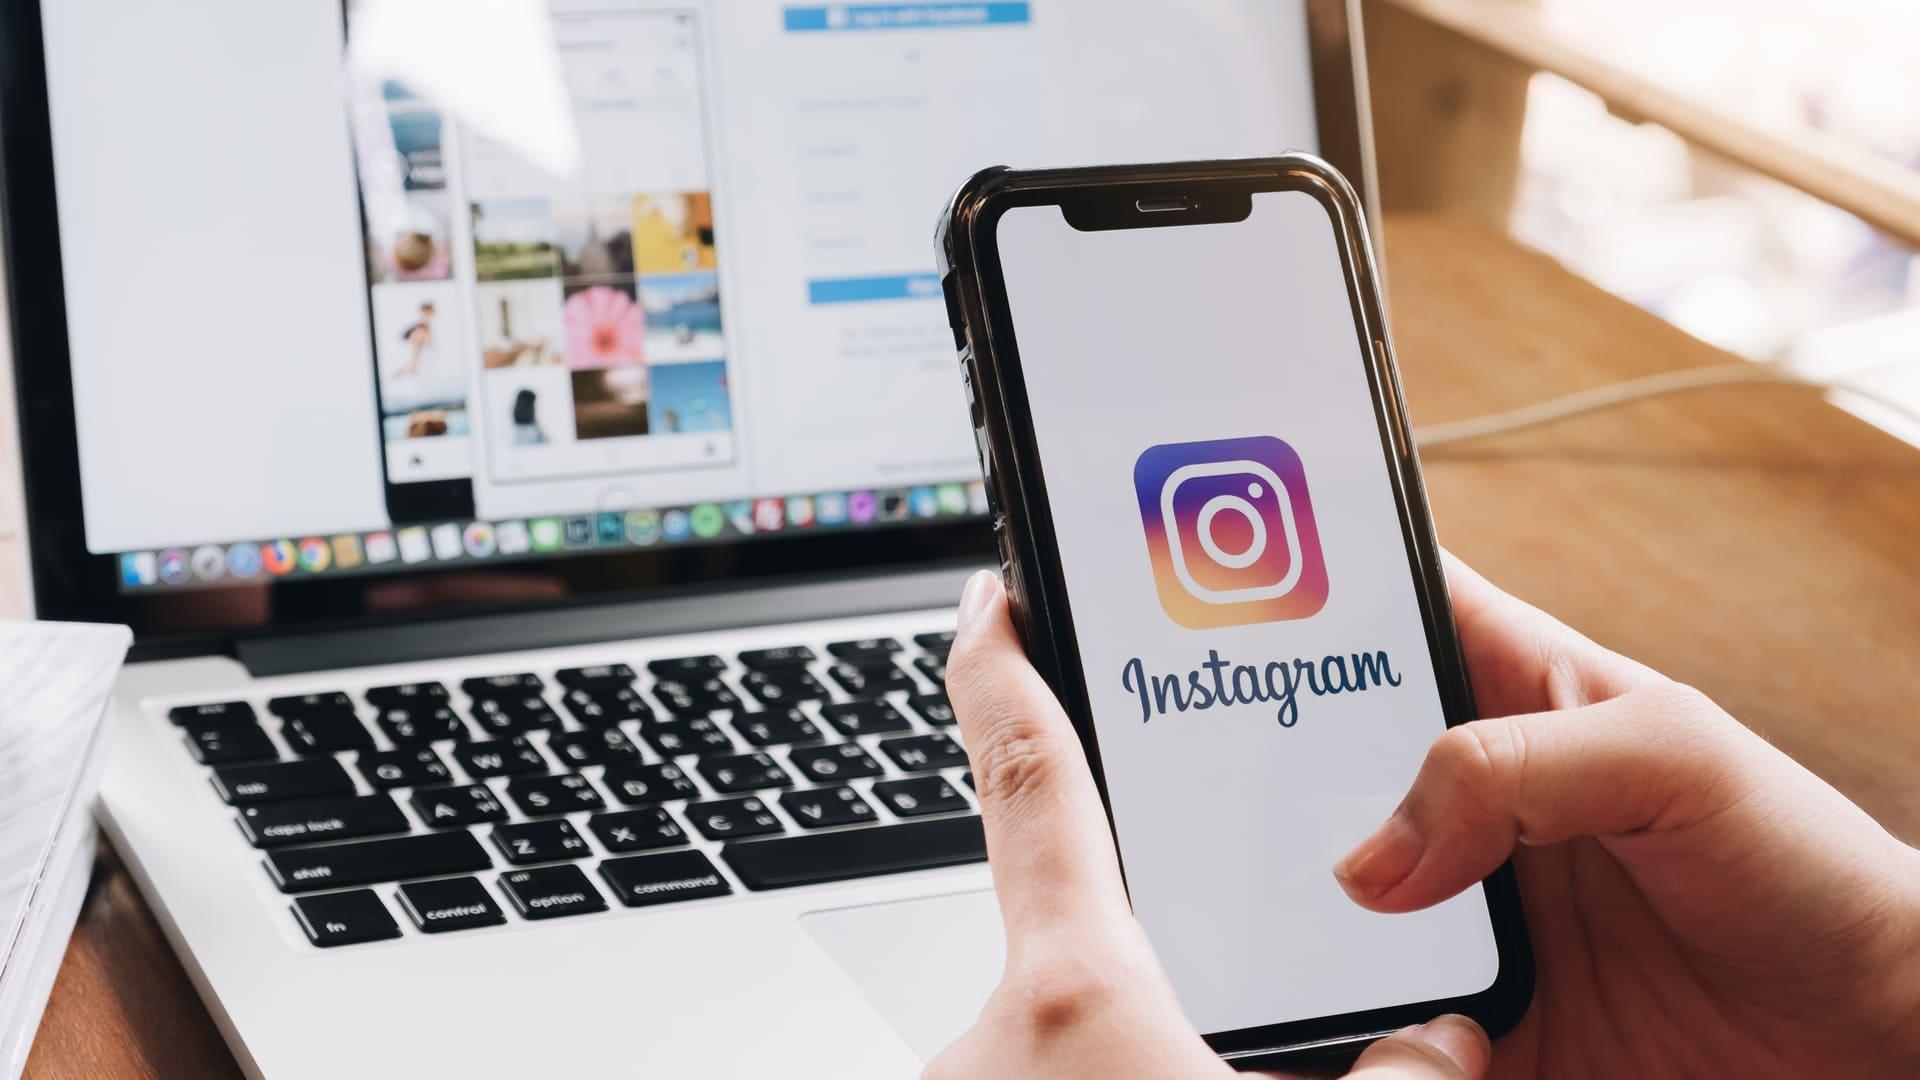 Como fazer sorteio no Instagram? Veja dicas abaixo (Foto: Nopparat Khokthong / Shutterstock.com)